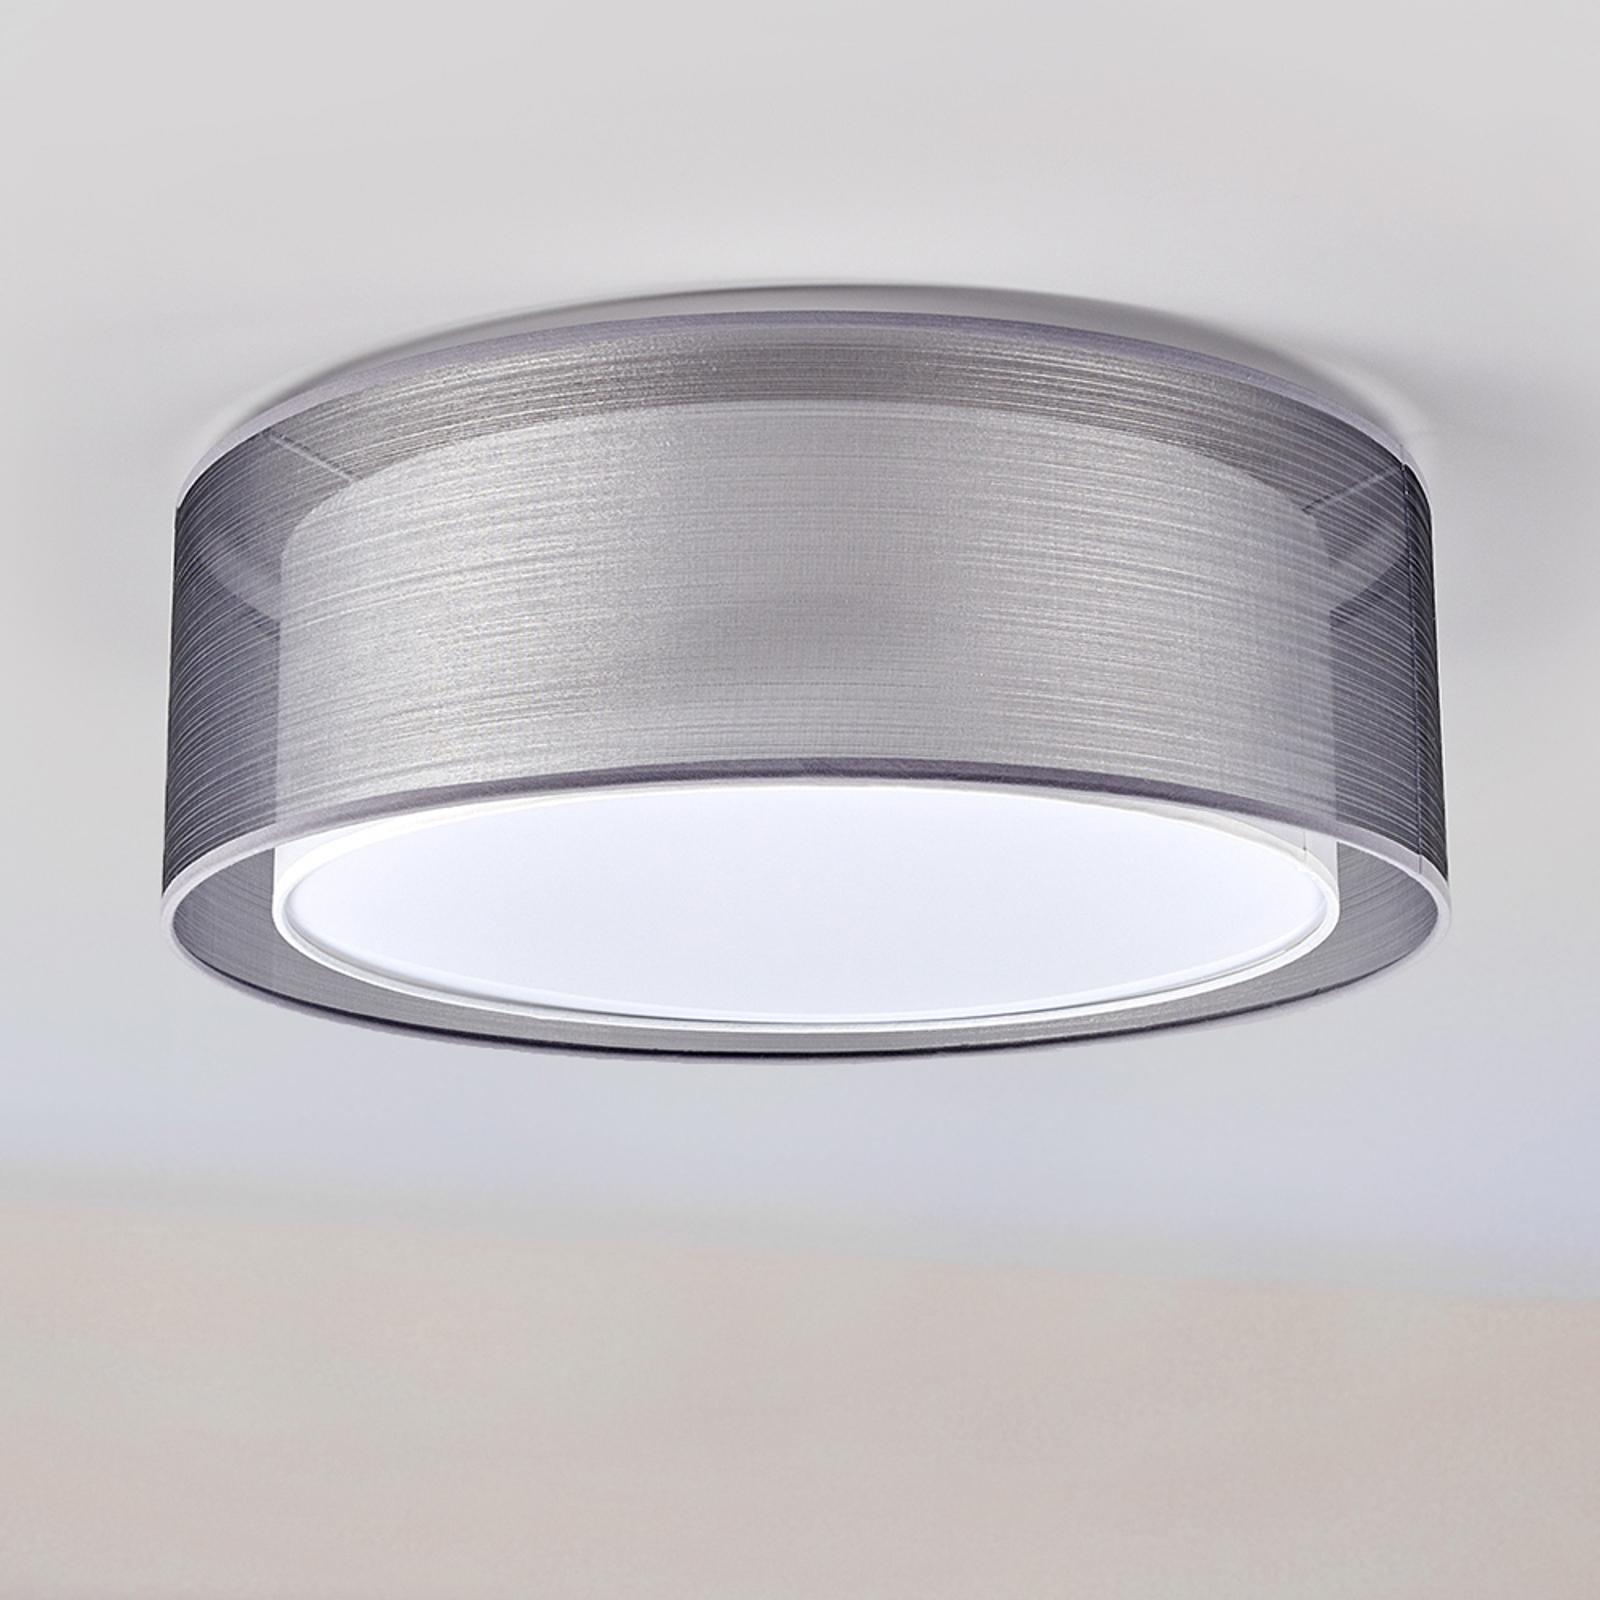 Stropní svítidlo Nica 53 cm šedé